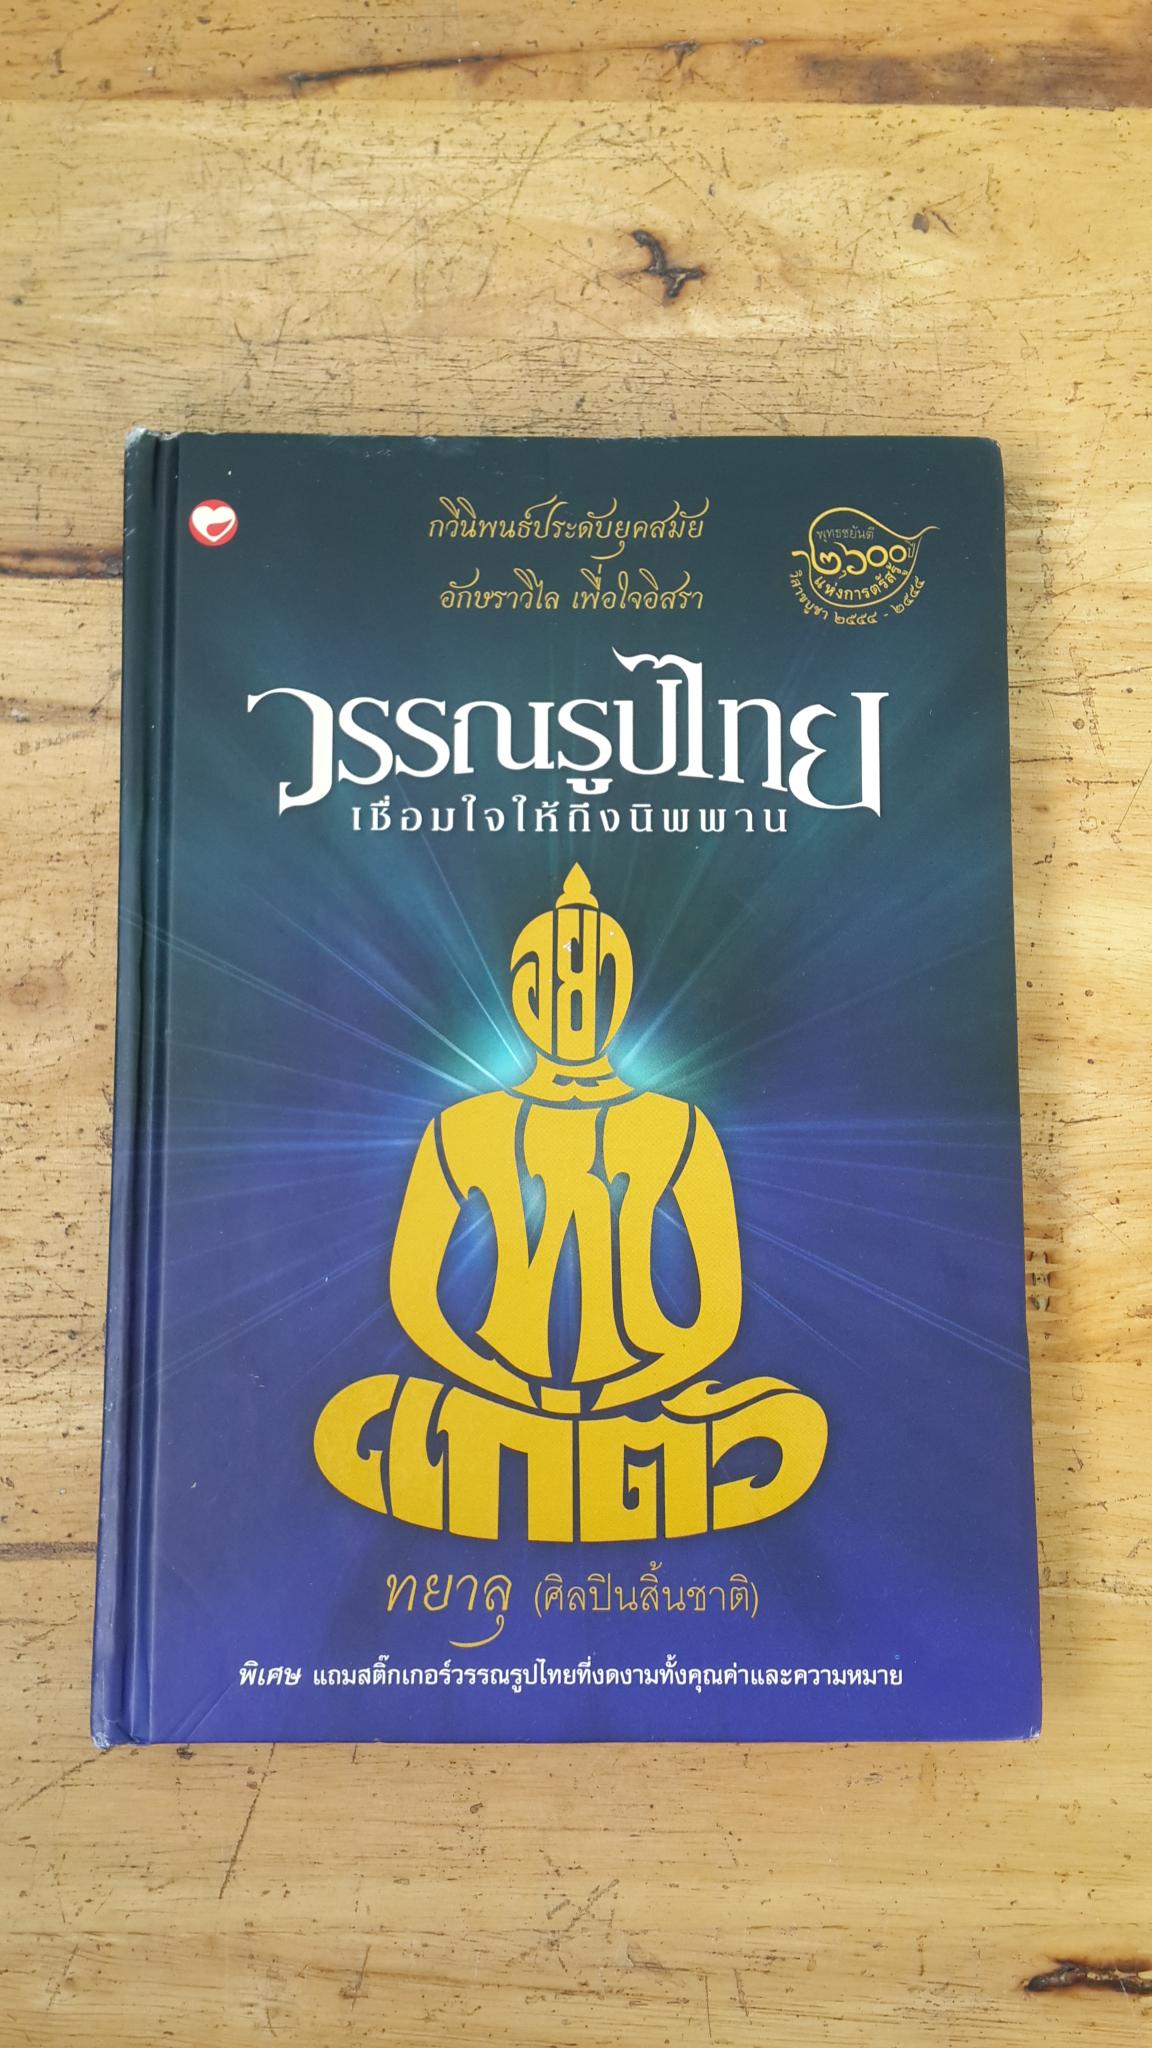 วรรณรูปไทย เชื่อมใจให้ถึงนิพพาน / ทยาลุ